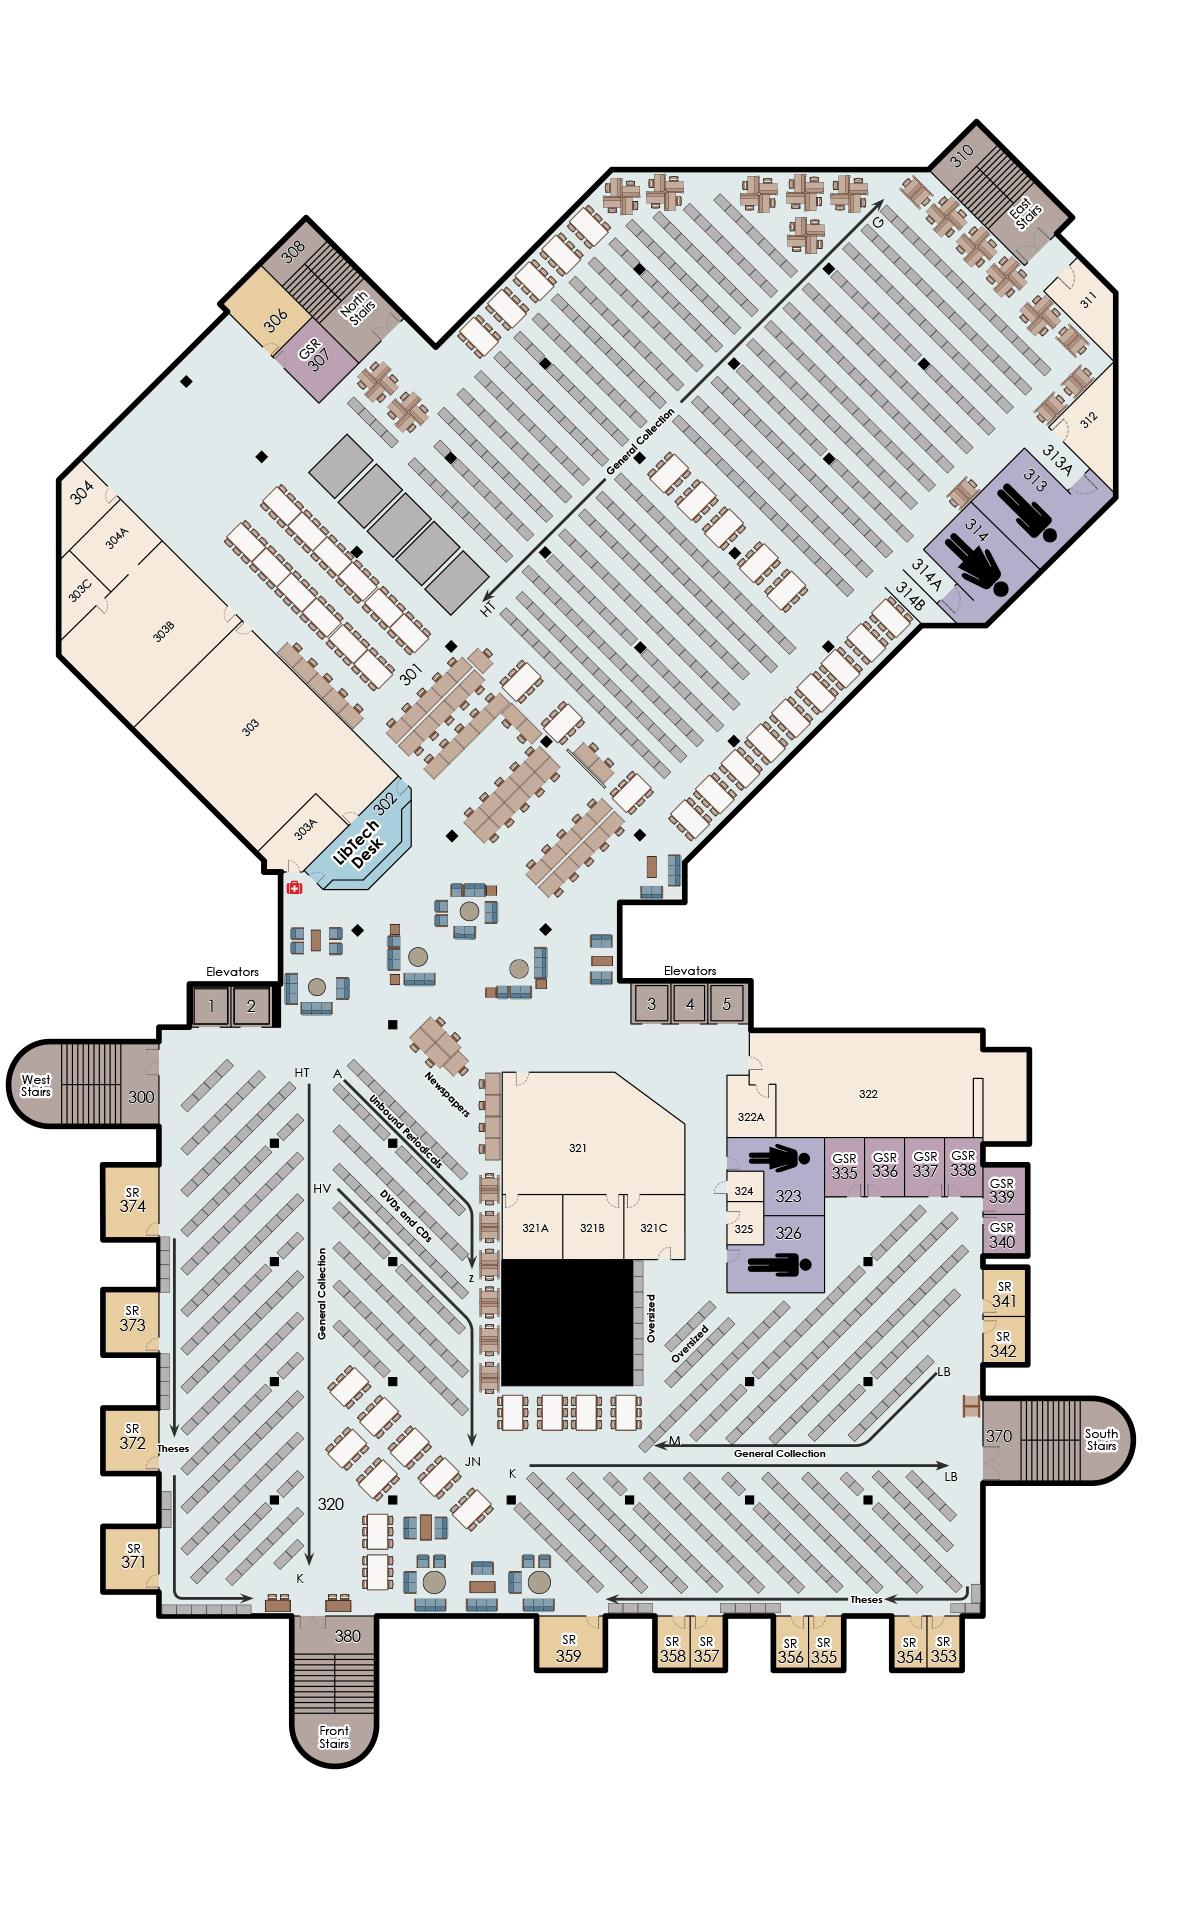 John C. Hitt, 3rd Floor Map